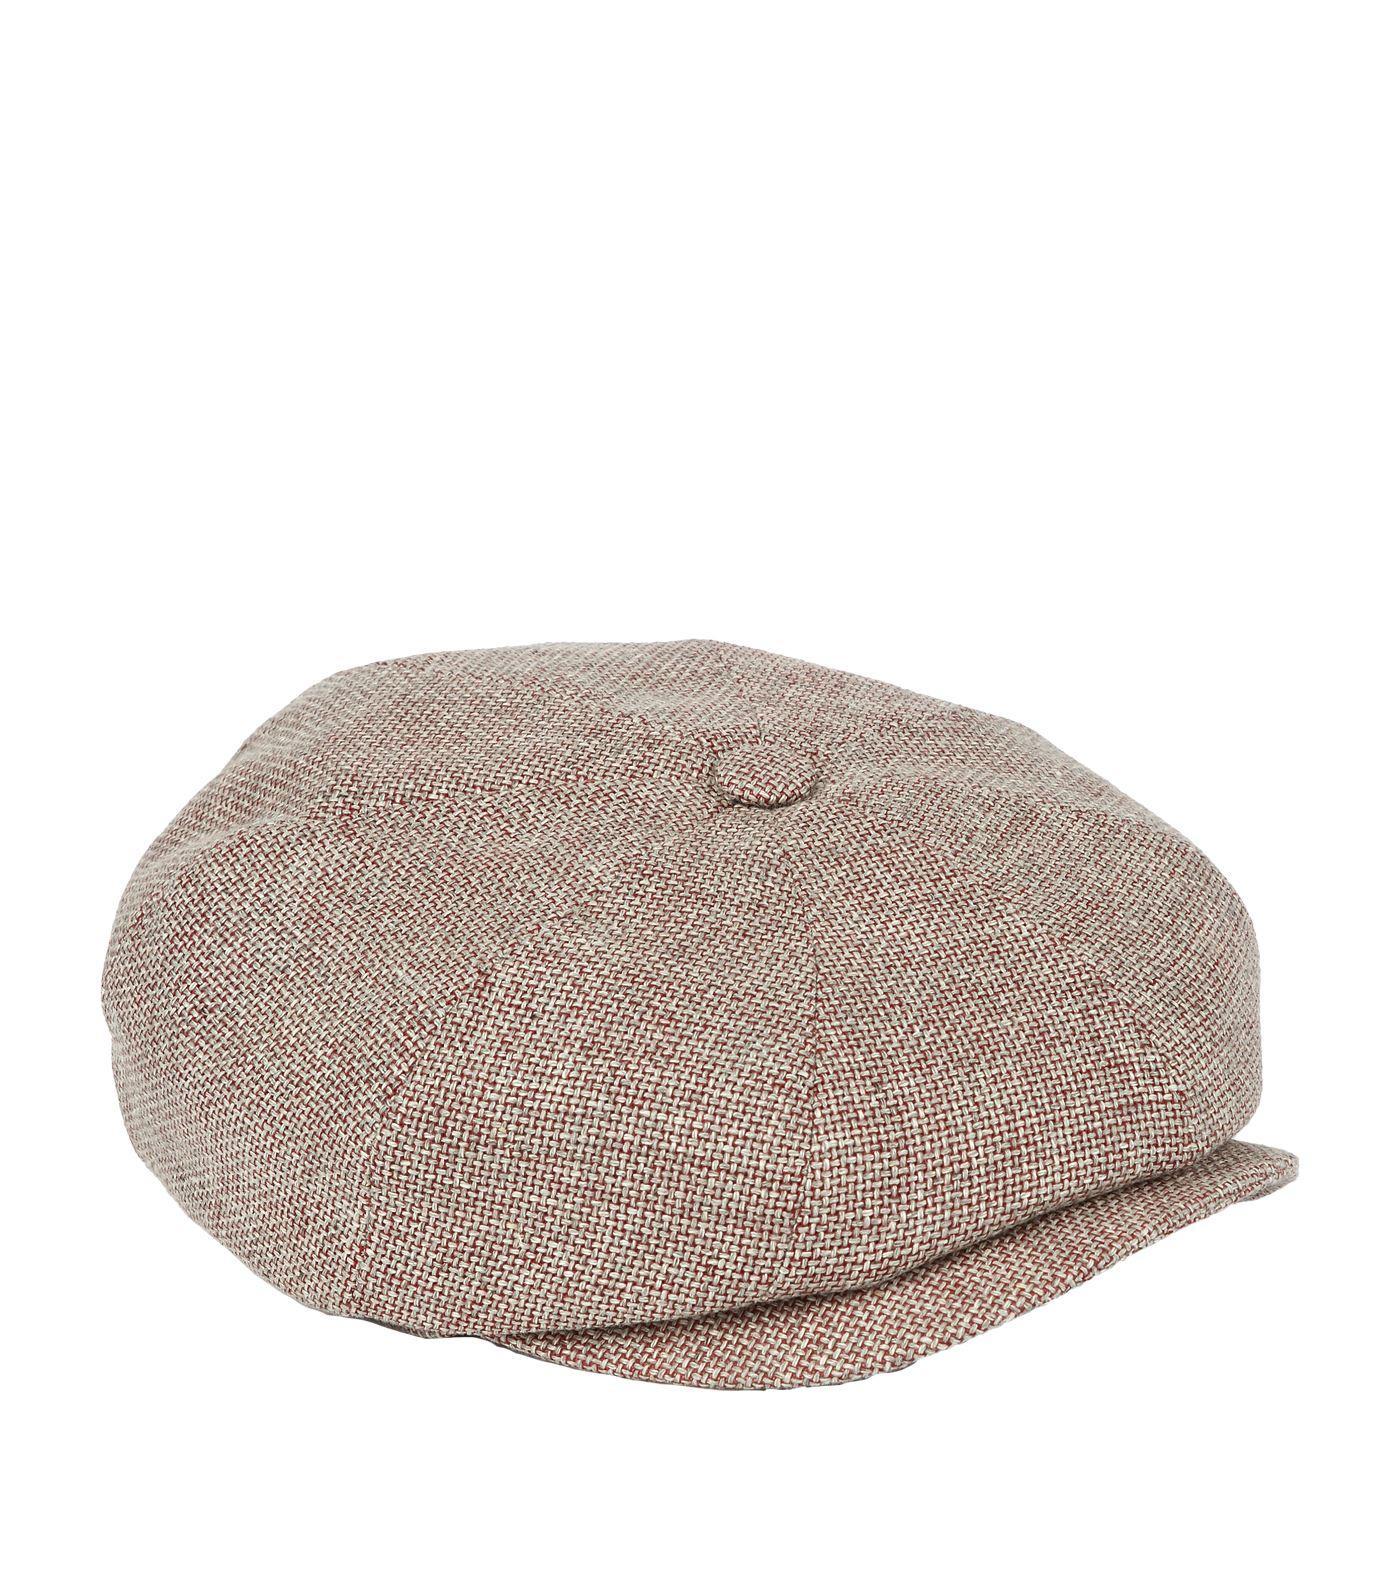 63e9bec85752e Stetson - Gray Hatteras Flat Cap for Men - Lyst. View fullscreen